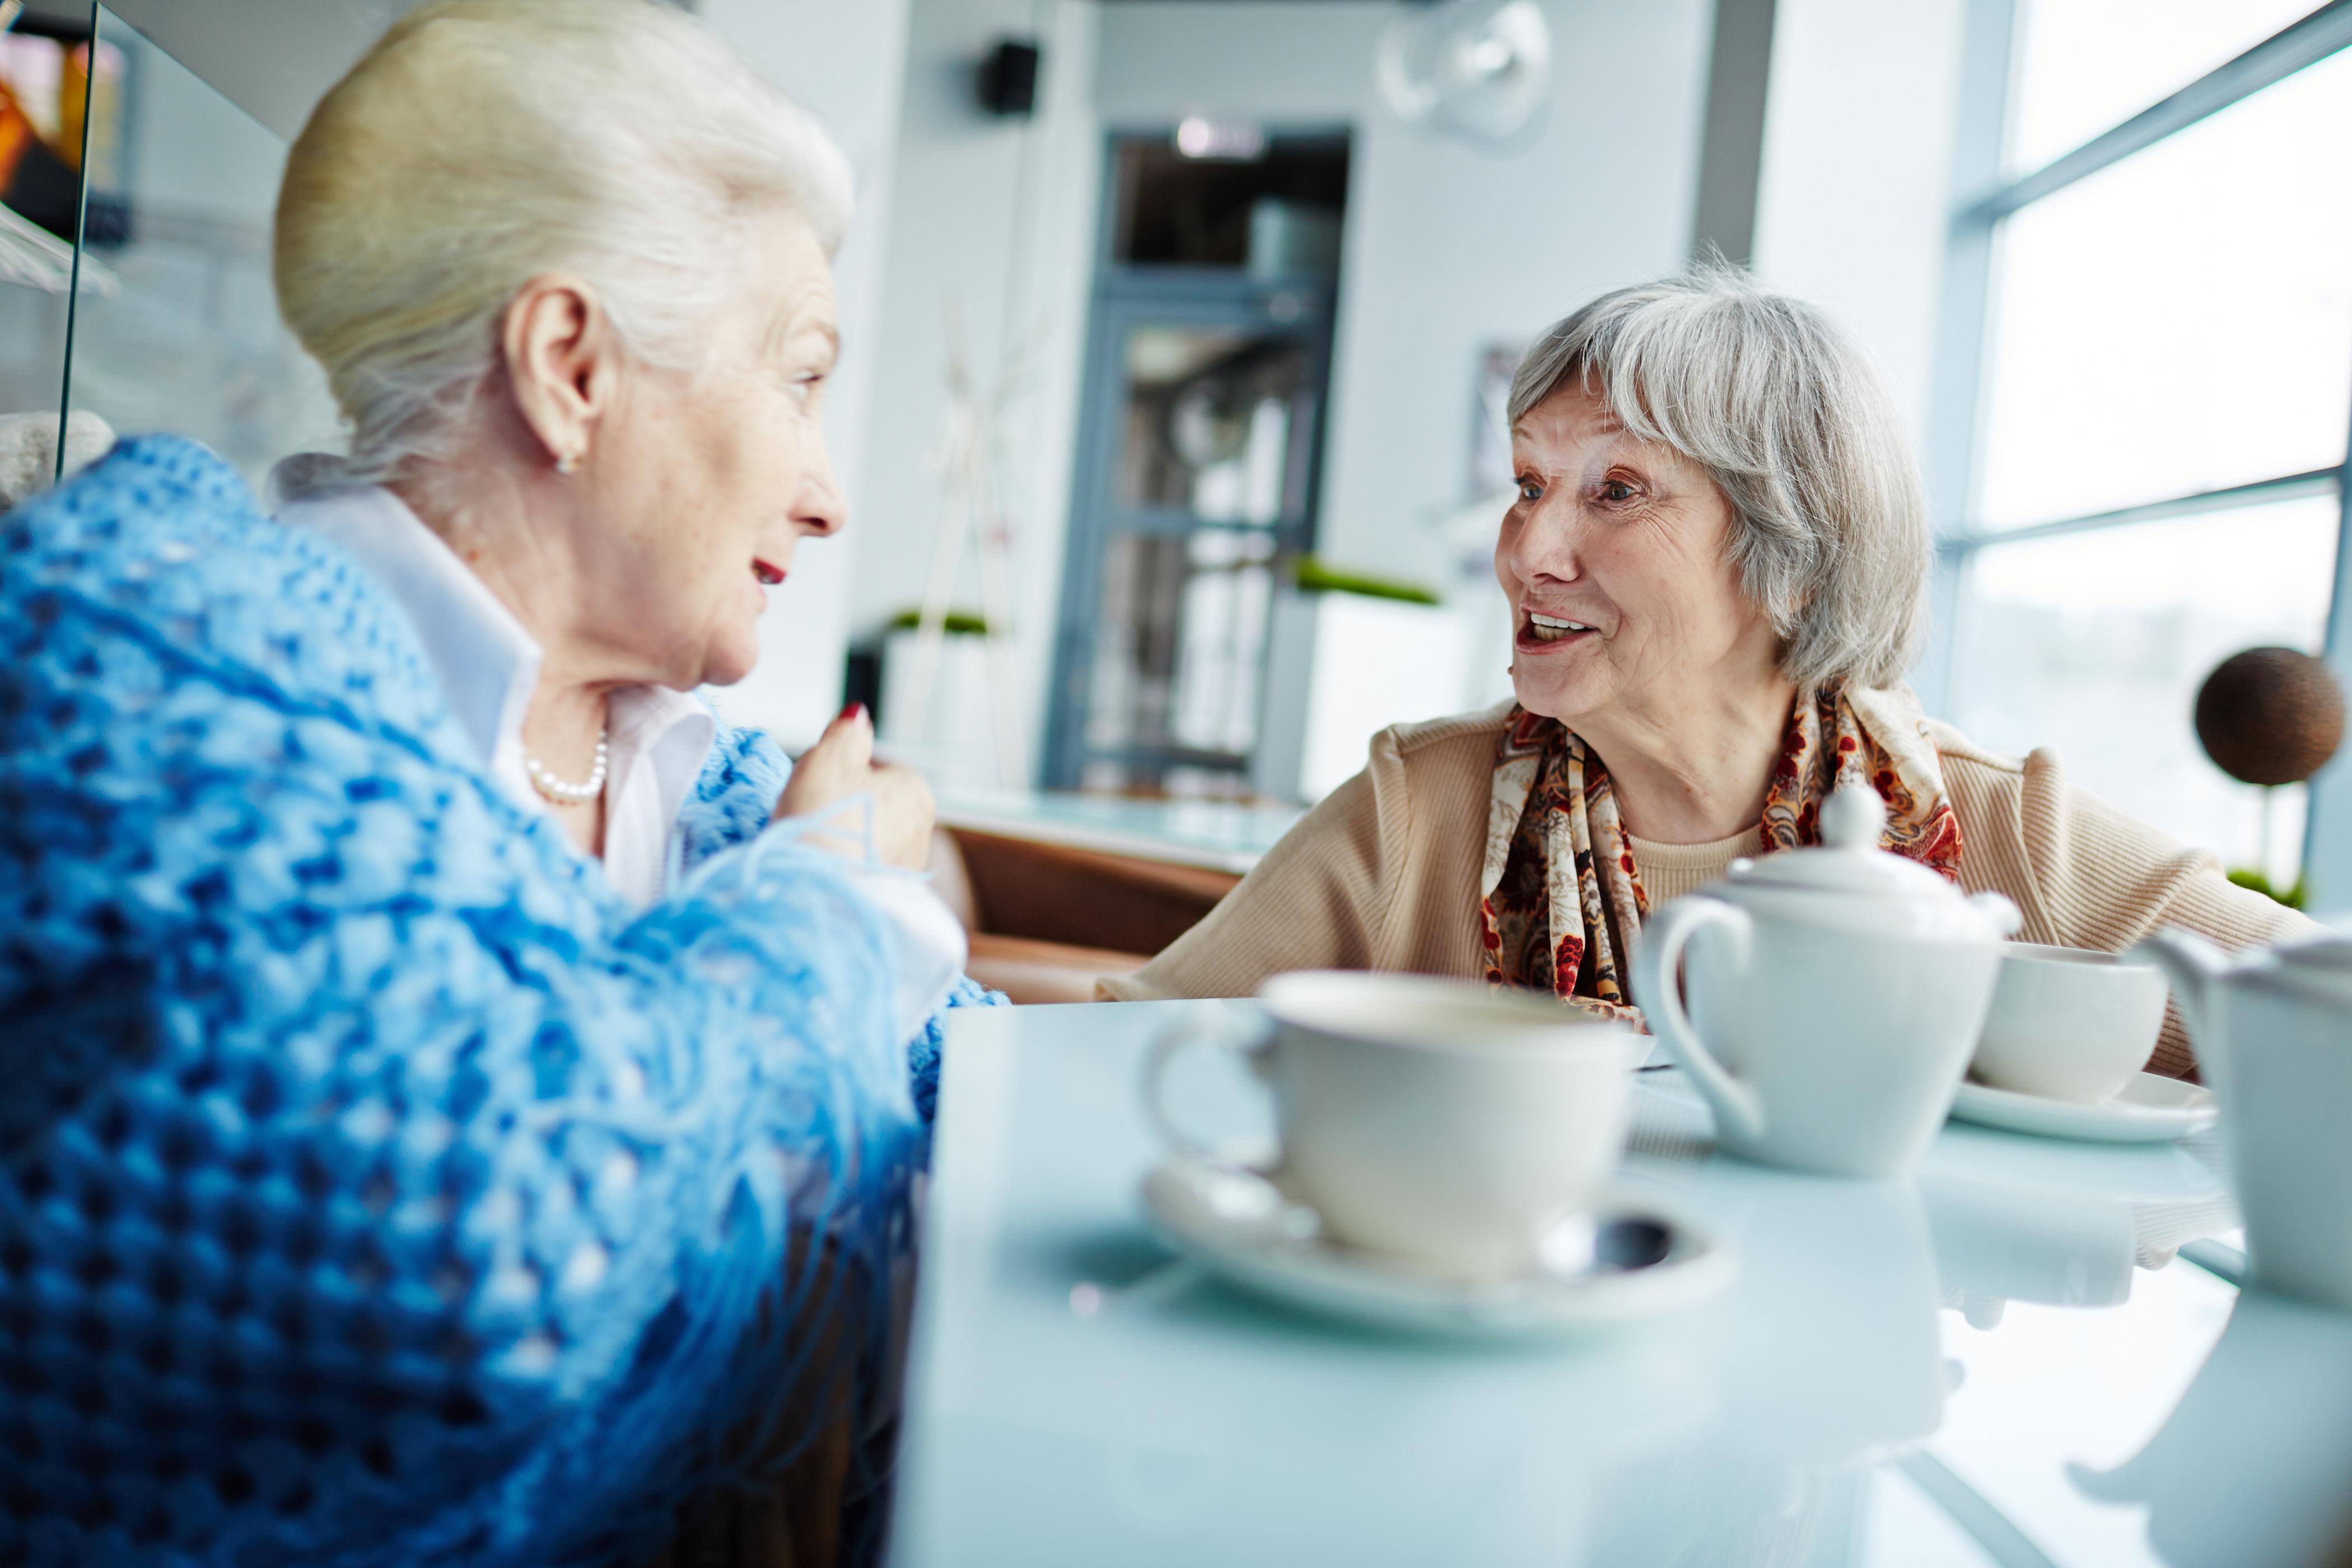 Mit der richtigen Vorsorge und Planung kann die eigene Wohnung auch für das Alter fit gemacht werden.